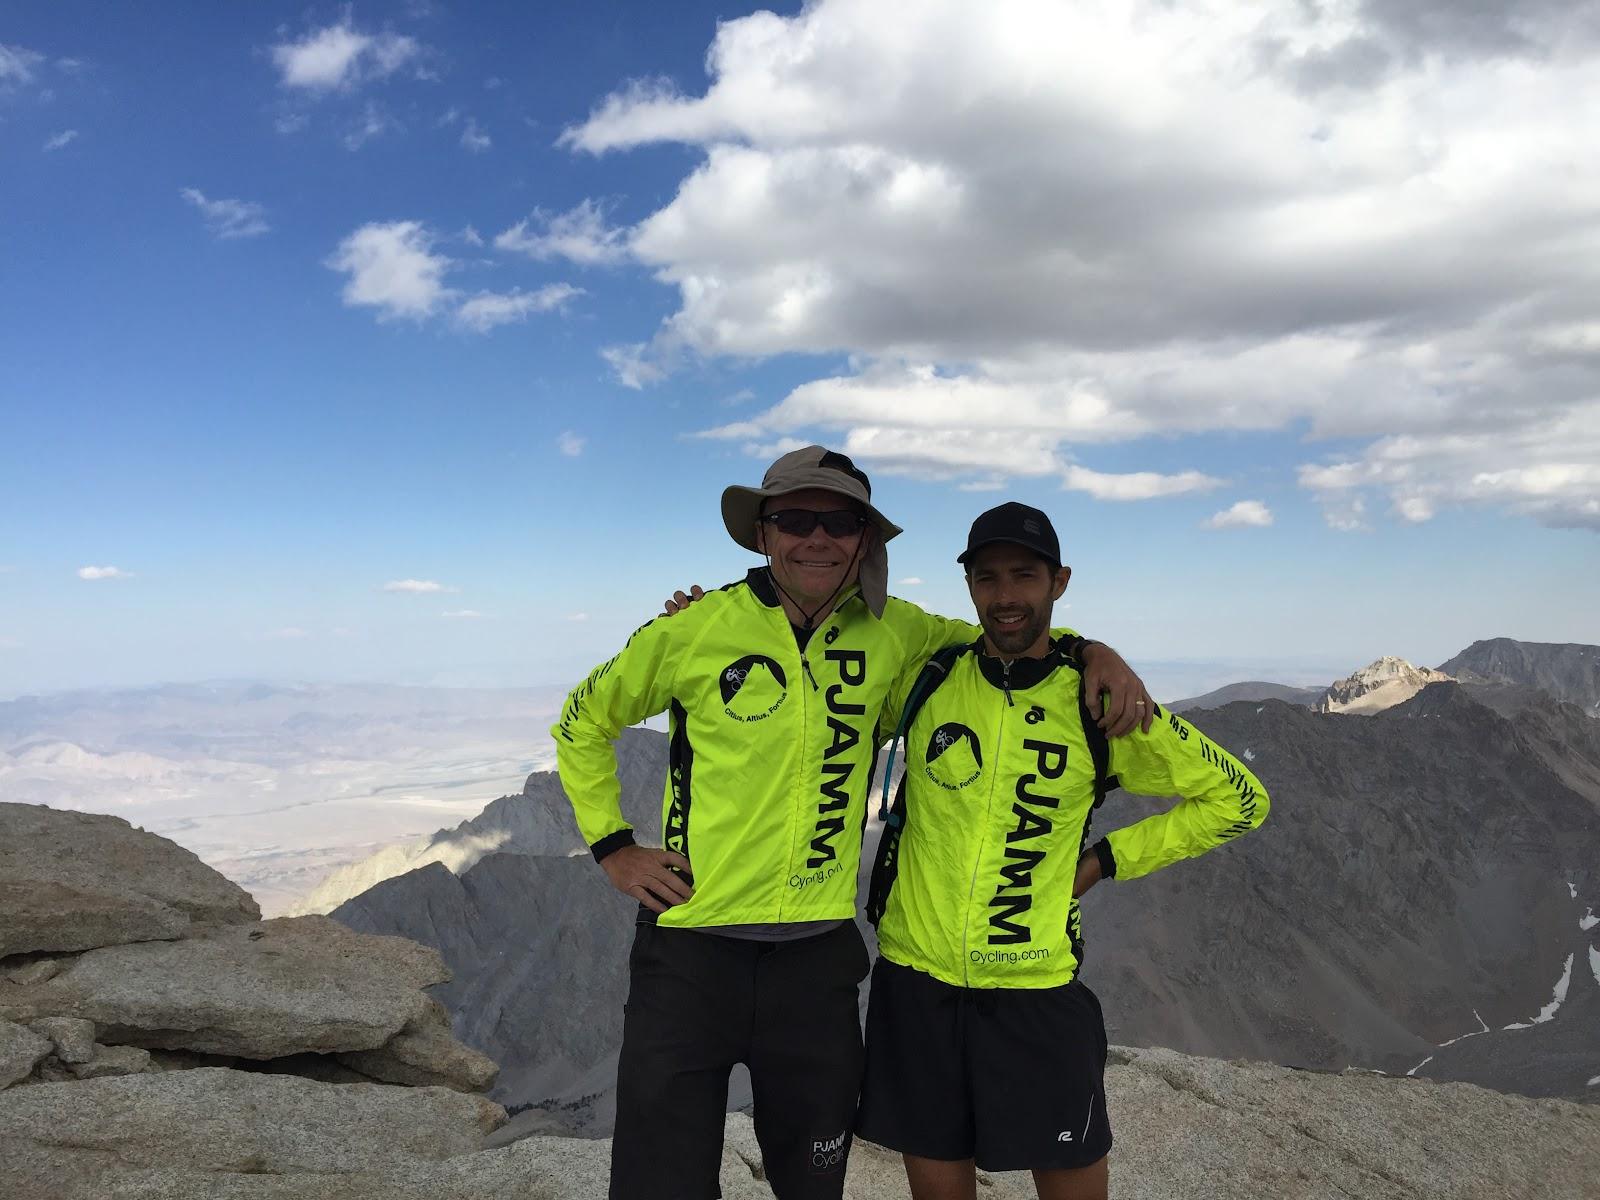 John Johnson and Tayler Hocket on summit of Mt. Whitney